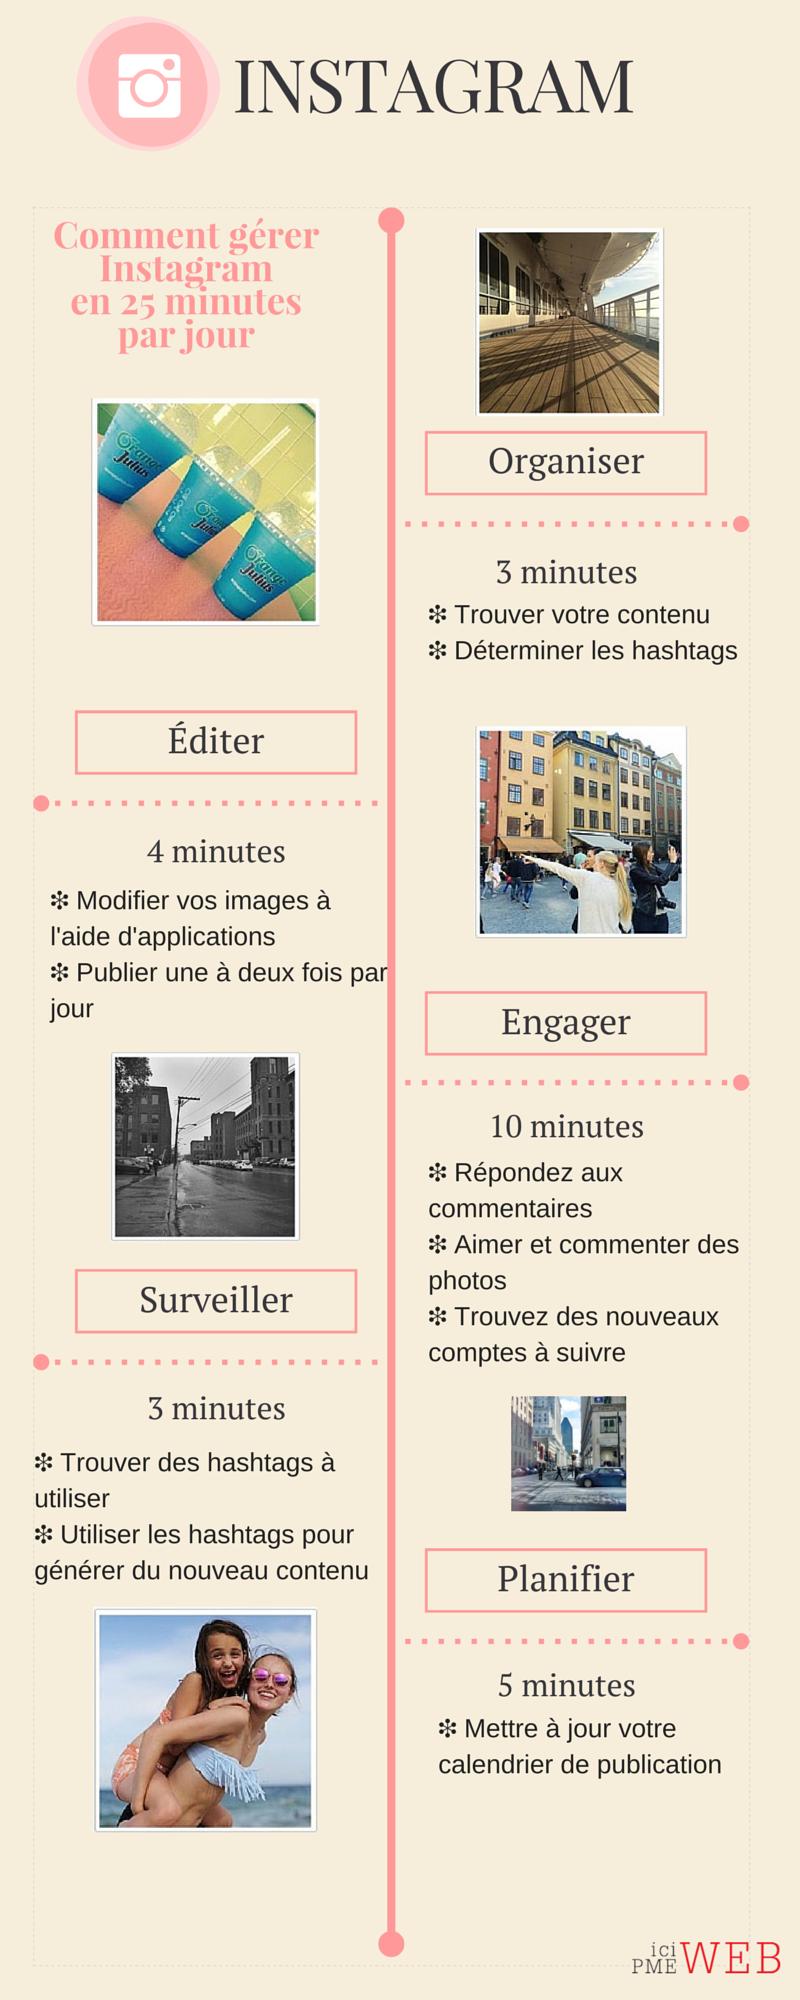 Organiser vos publications sur Instagram via #icipmeweb